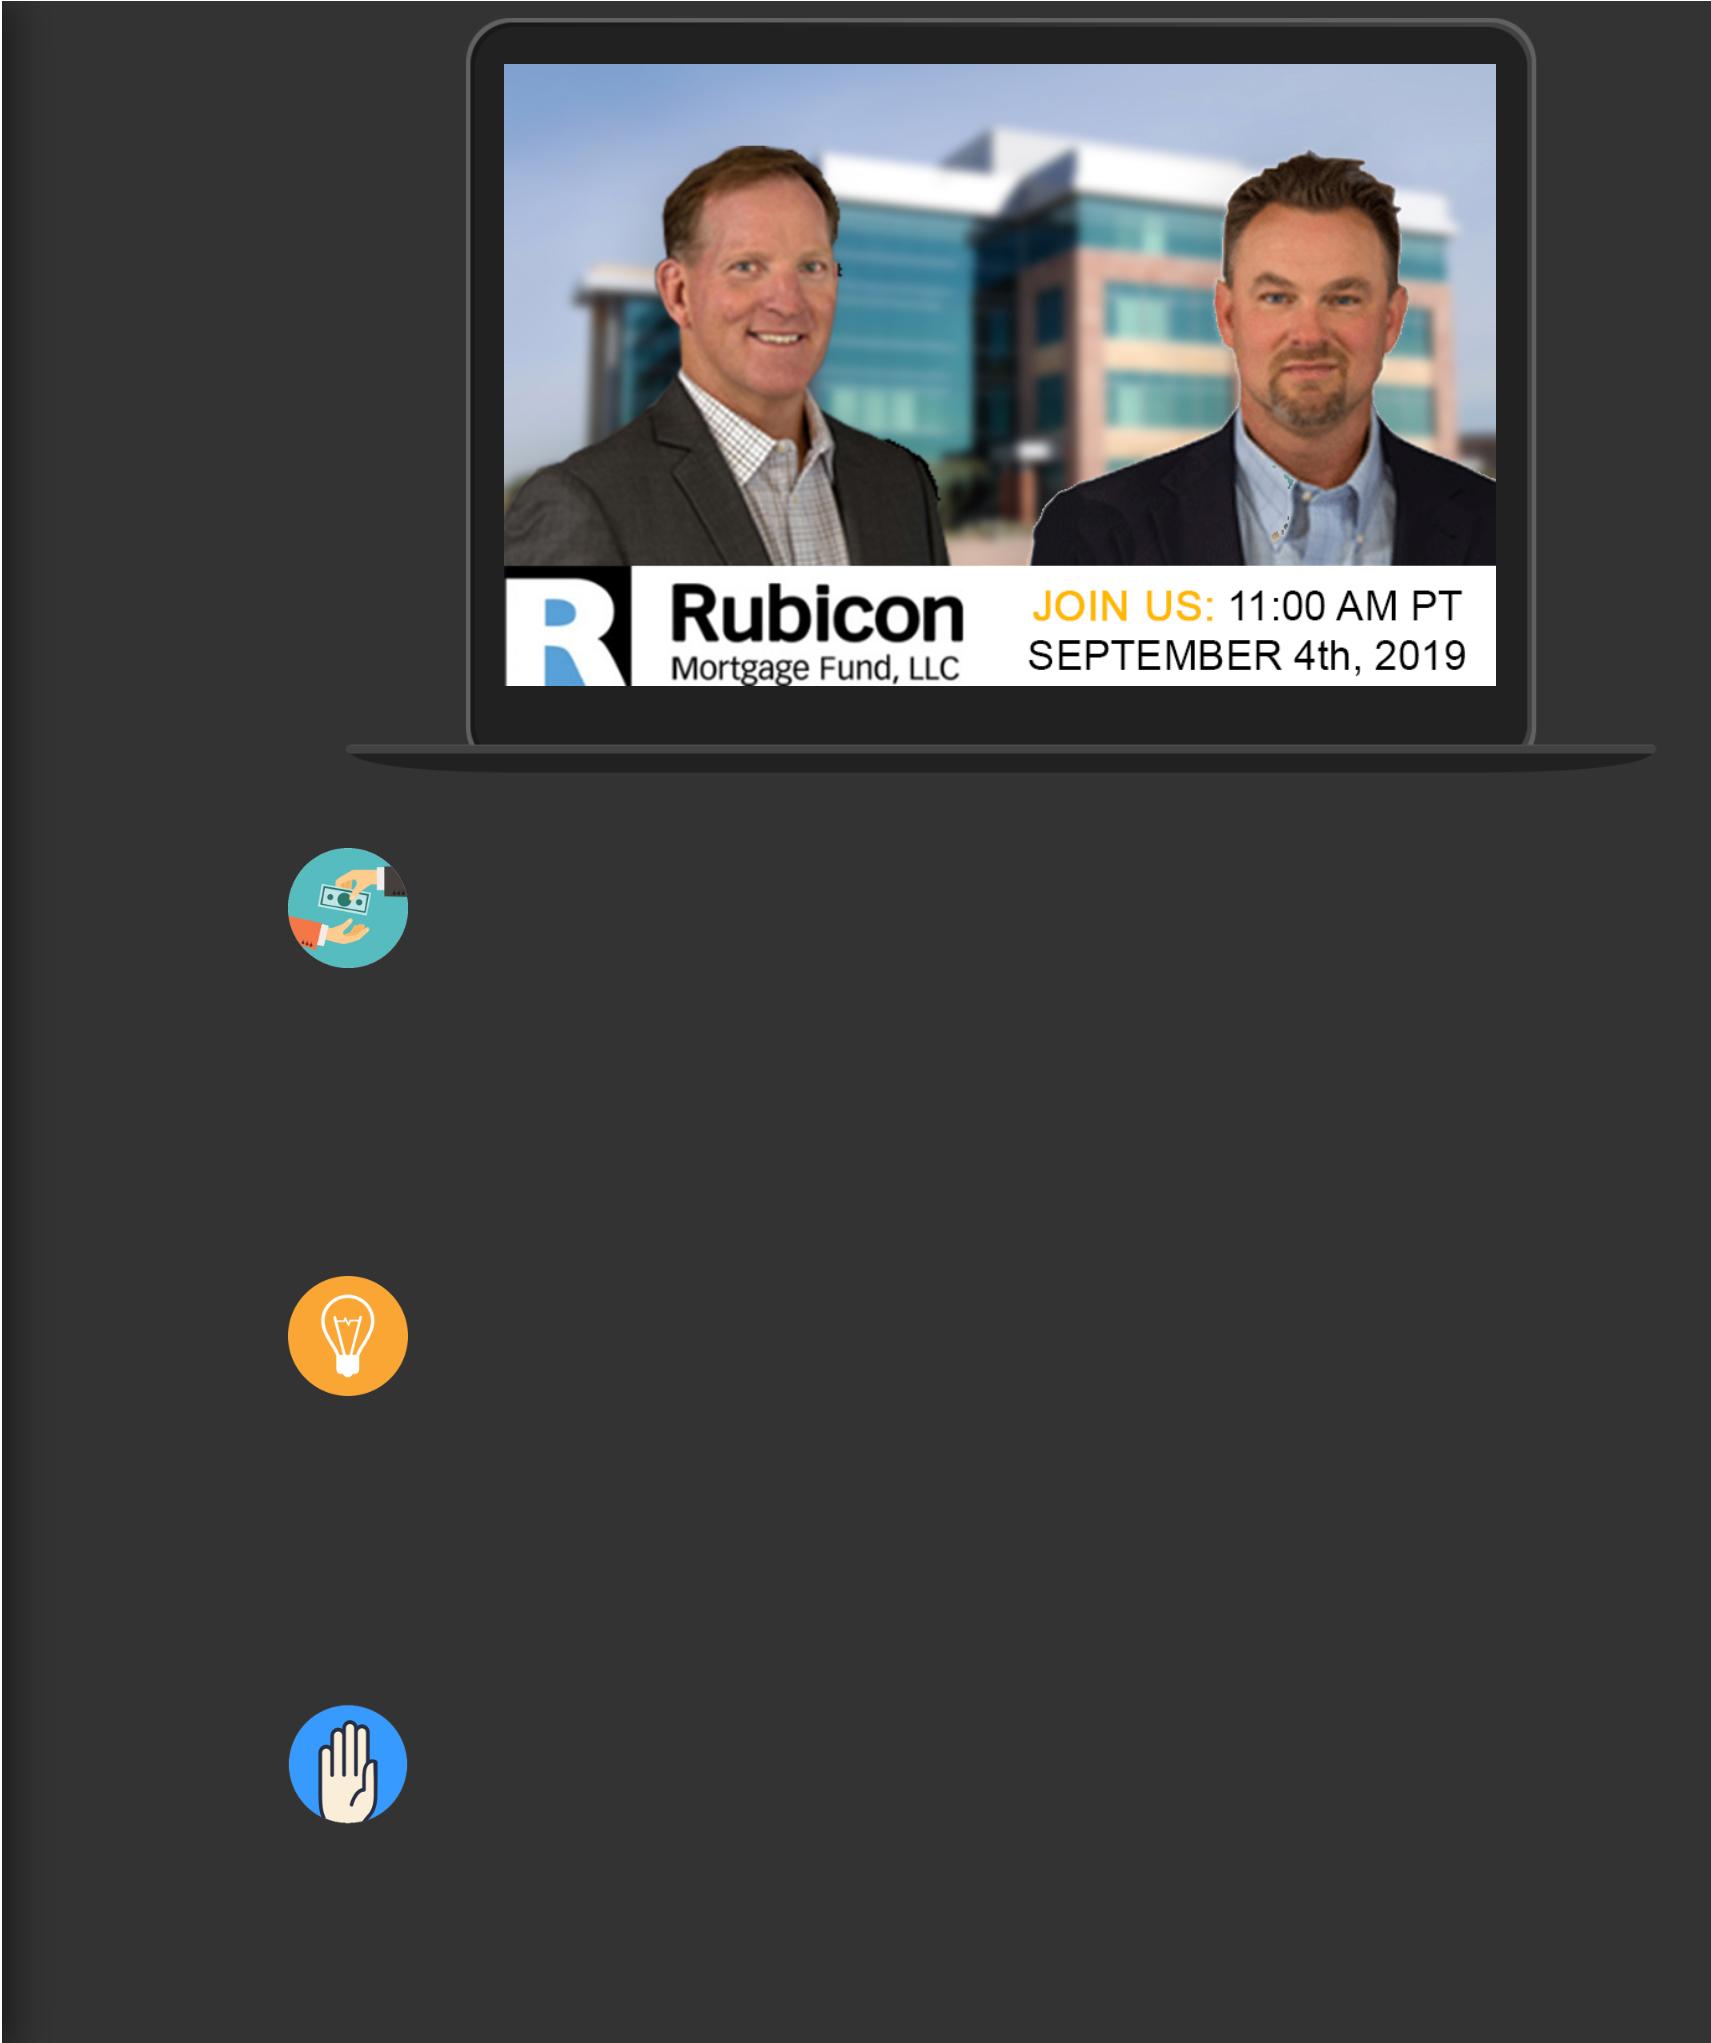 rubiconPage.jpg